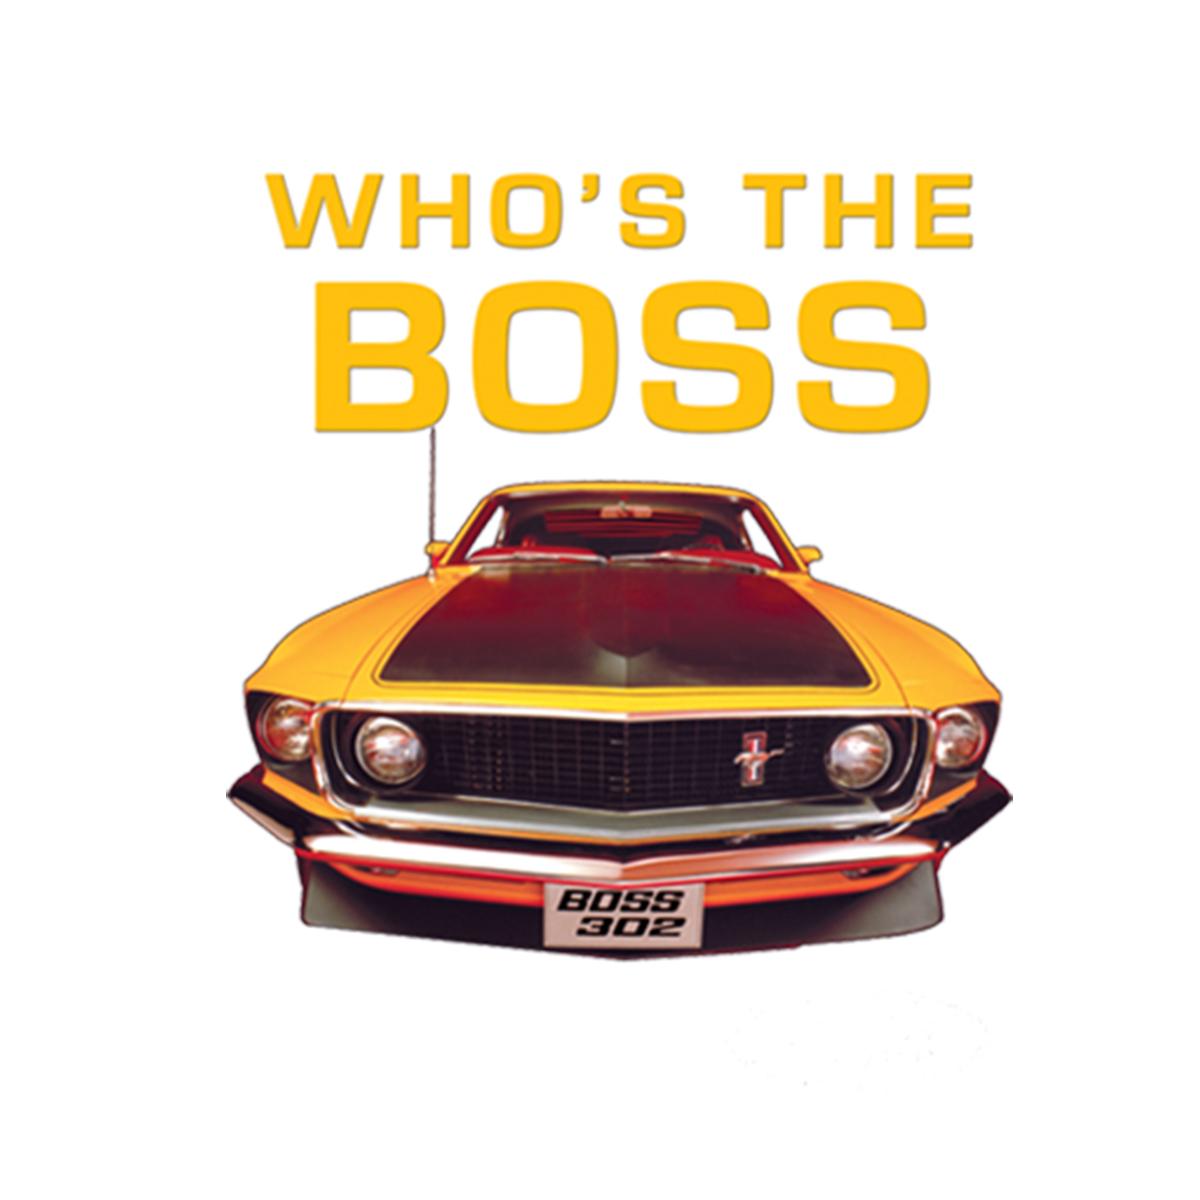 Boss 302 Mustang Old School Men T-shirt XS-5XL